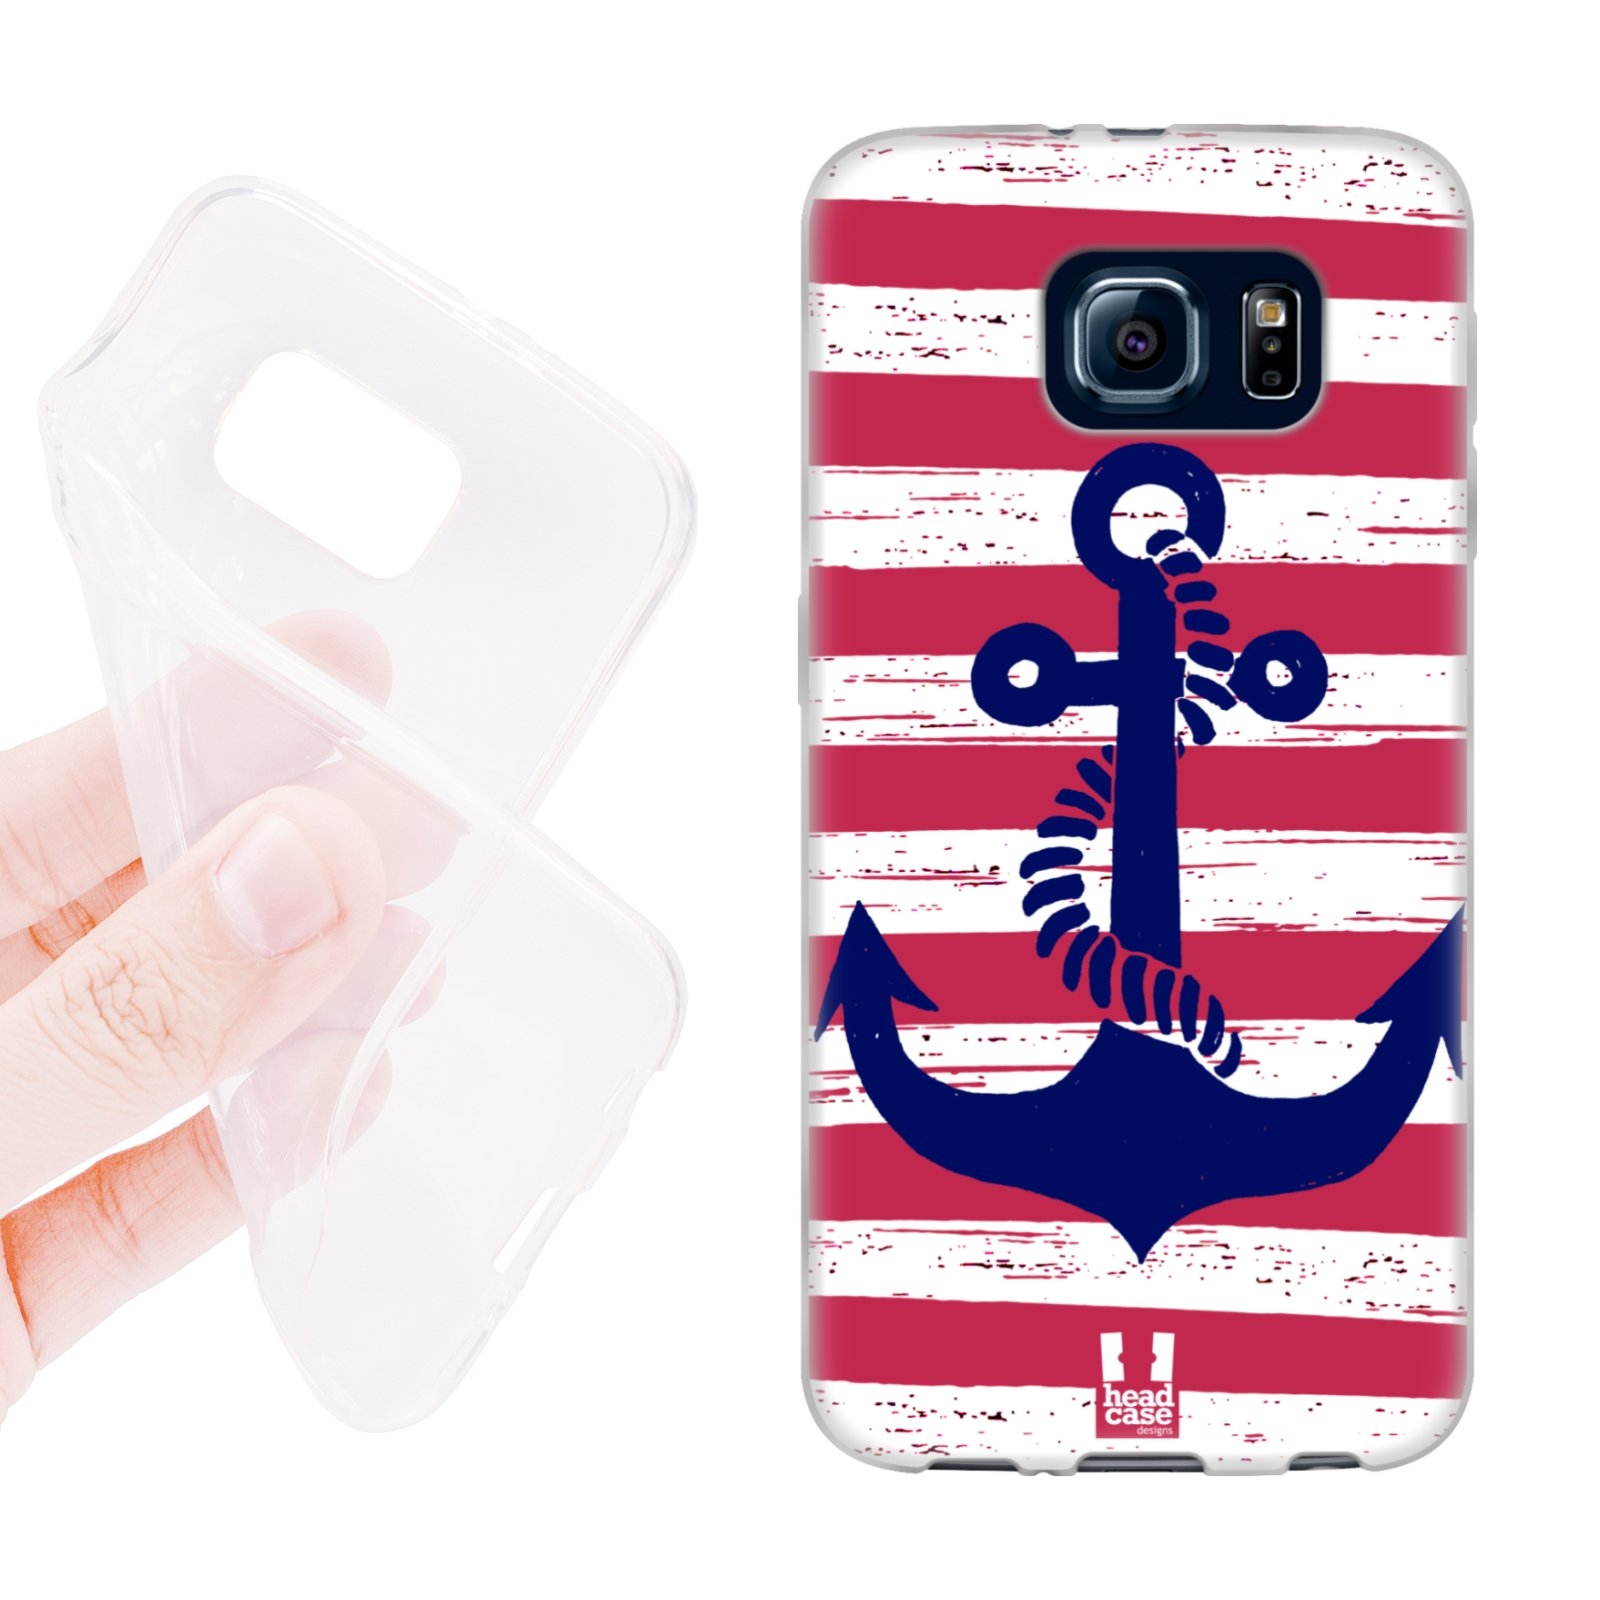 HEAD CASE silikonový obal na mobil Samsung galaxy S6 kotva červená naděje